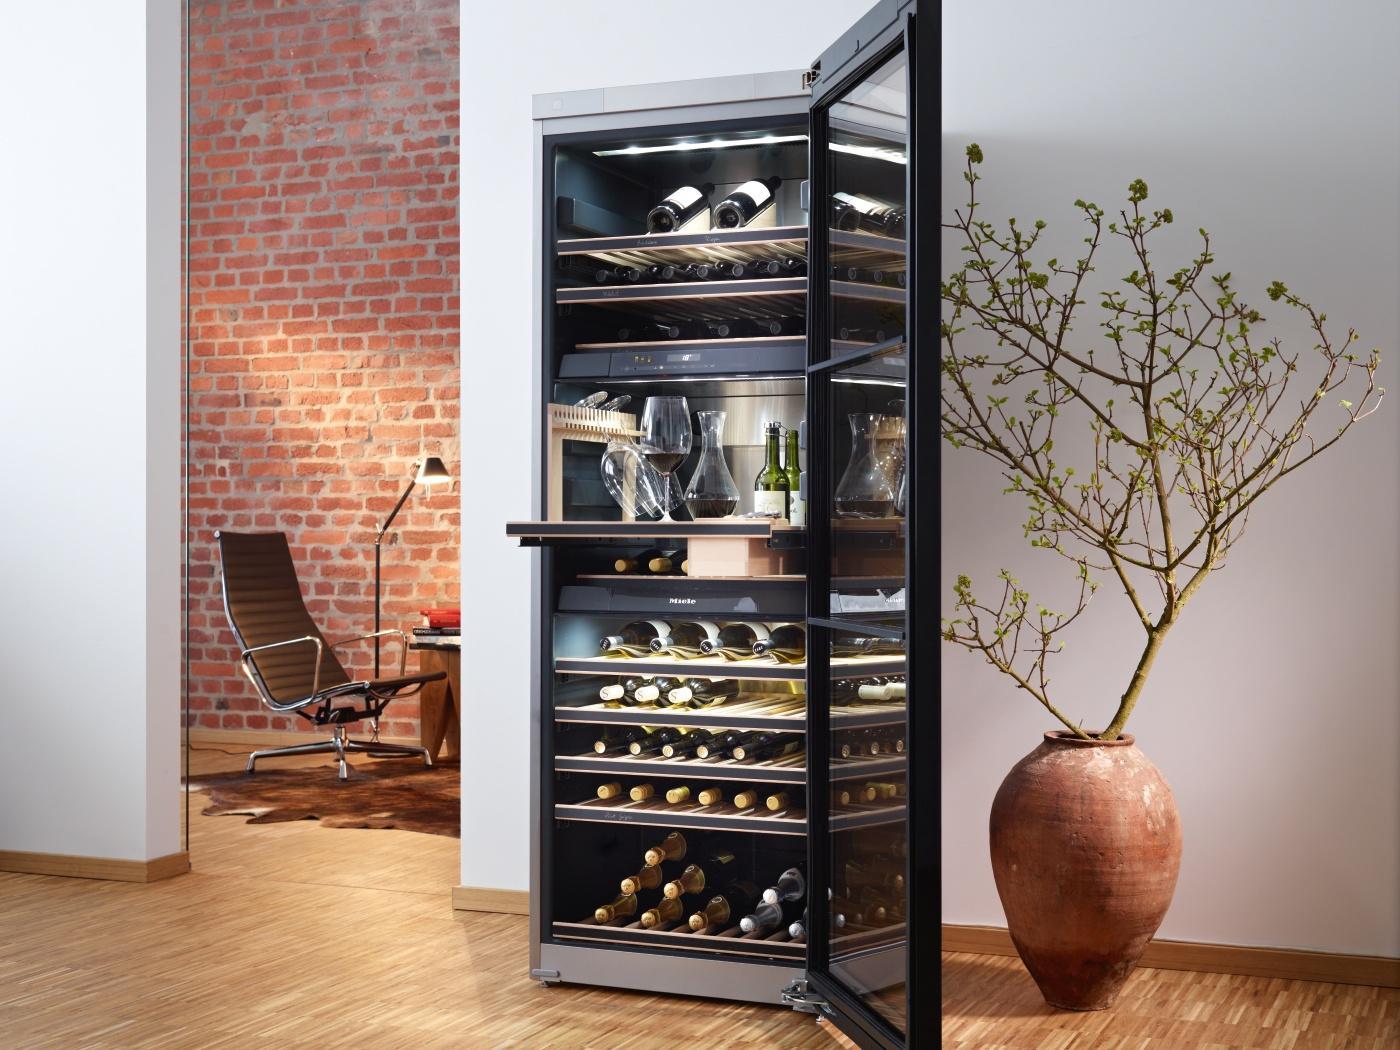 Miele KWT 6833 SG Weinkühlschrank / Parallele Lagerung von